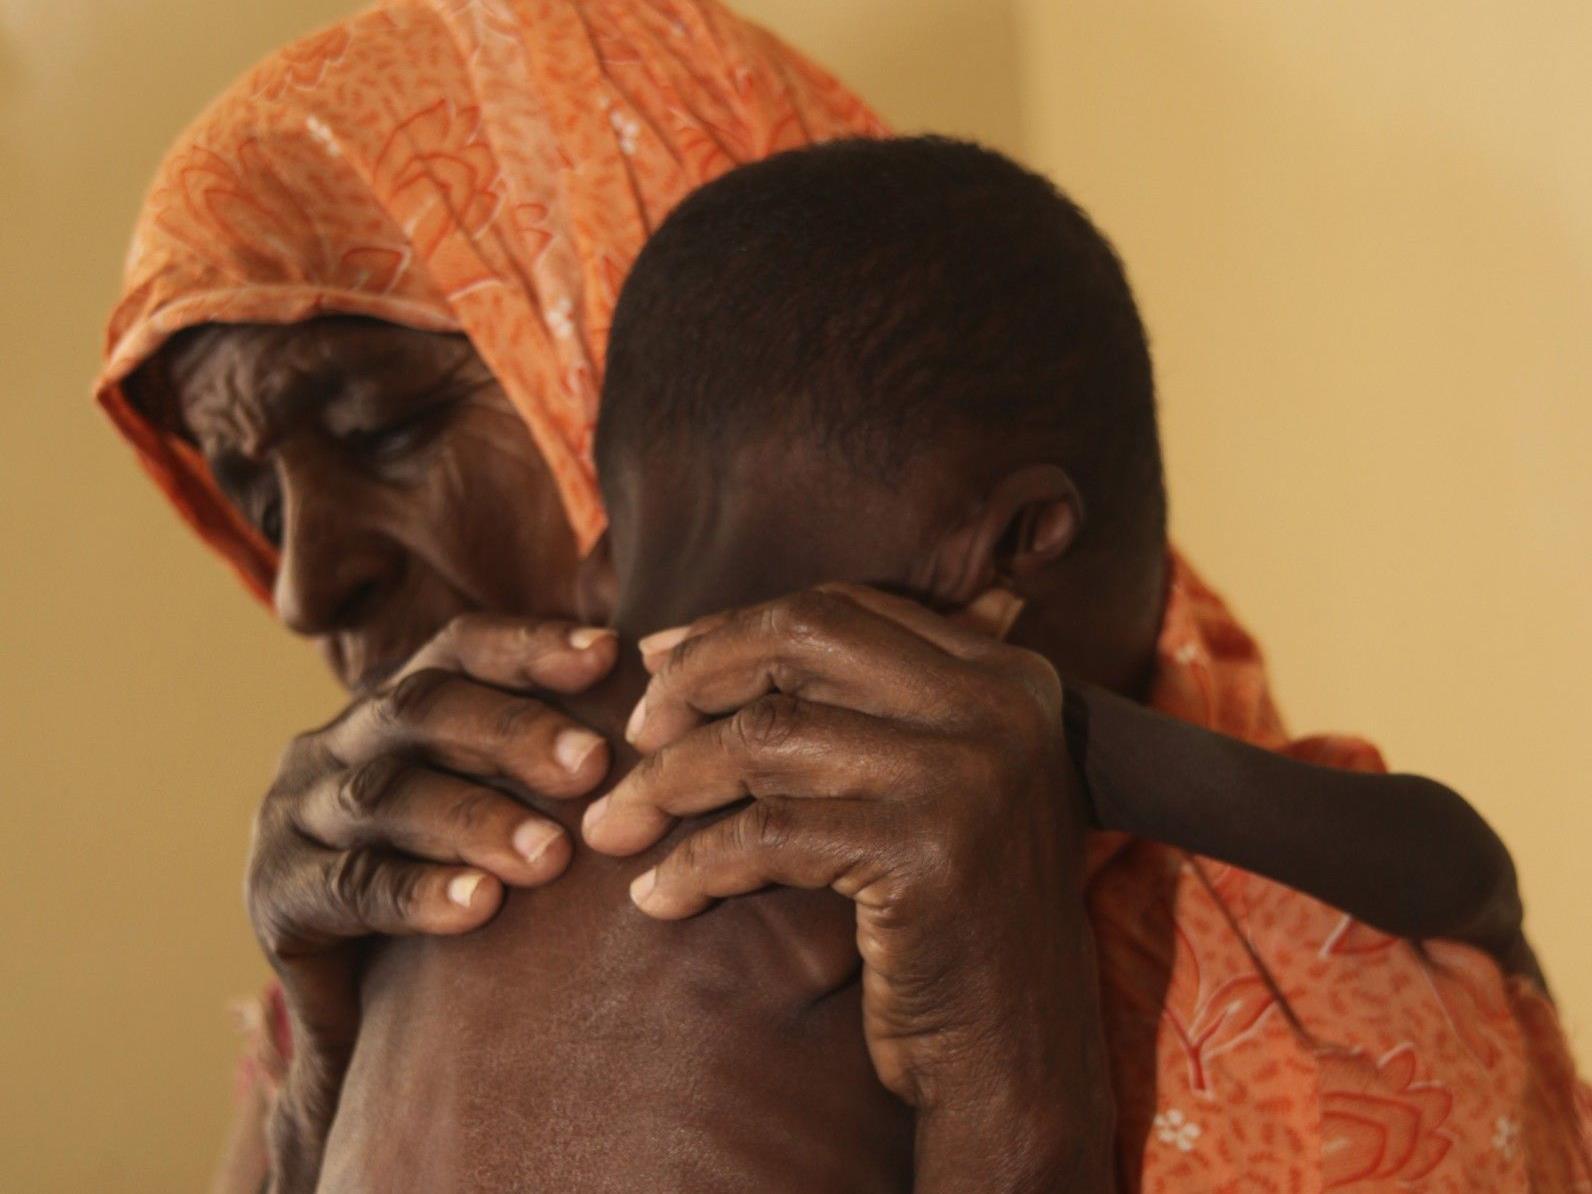 Dramatische Ernährungslage - vor allem in Afrika. Spekulanten verdienen daran.